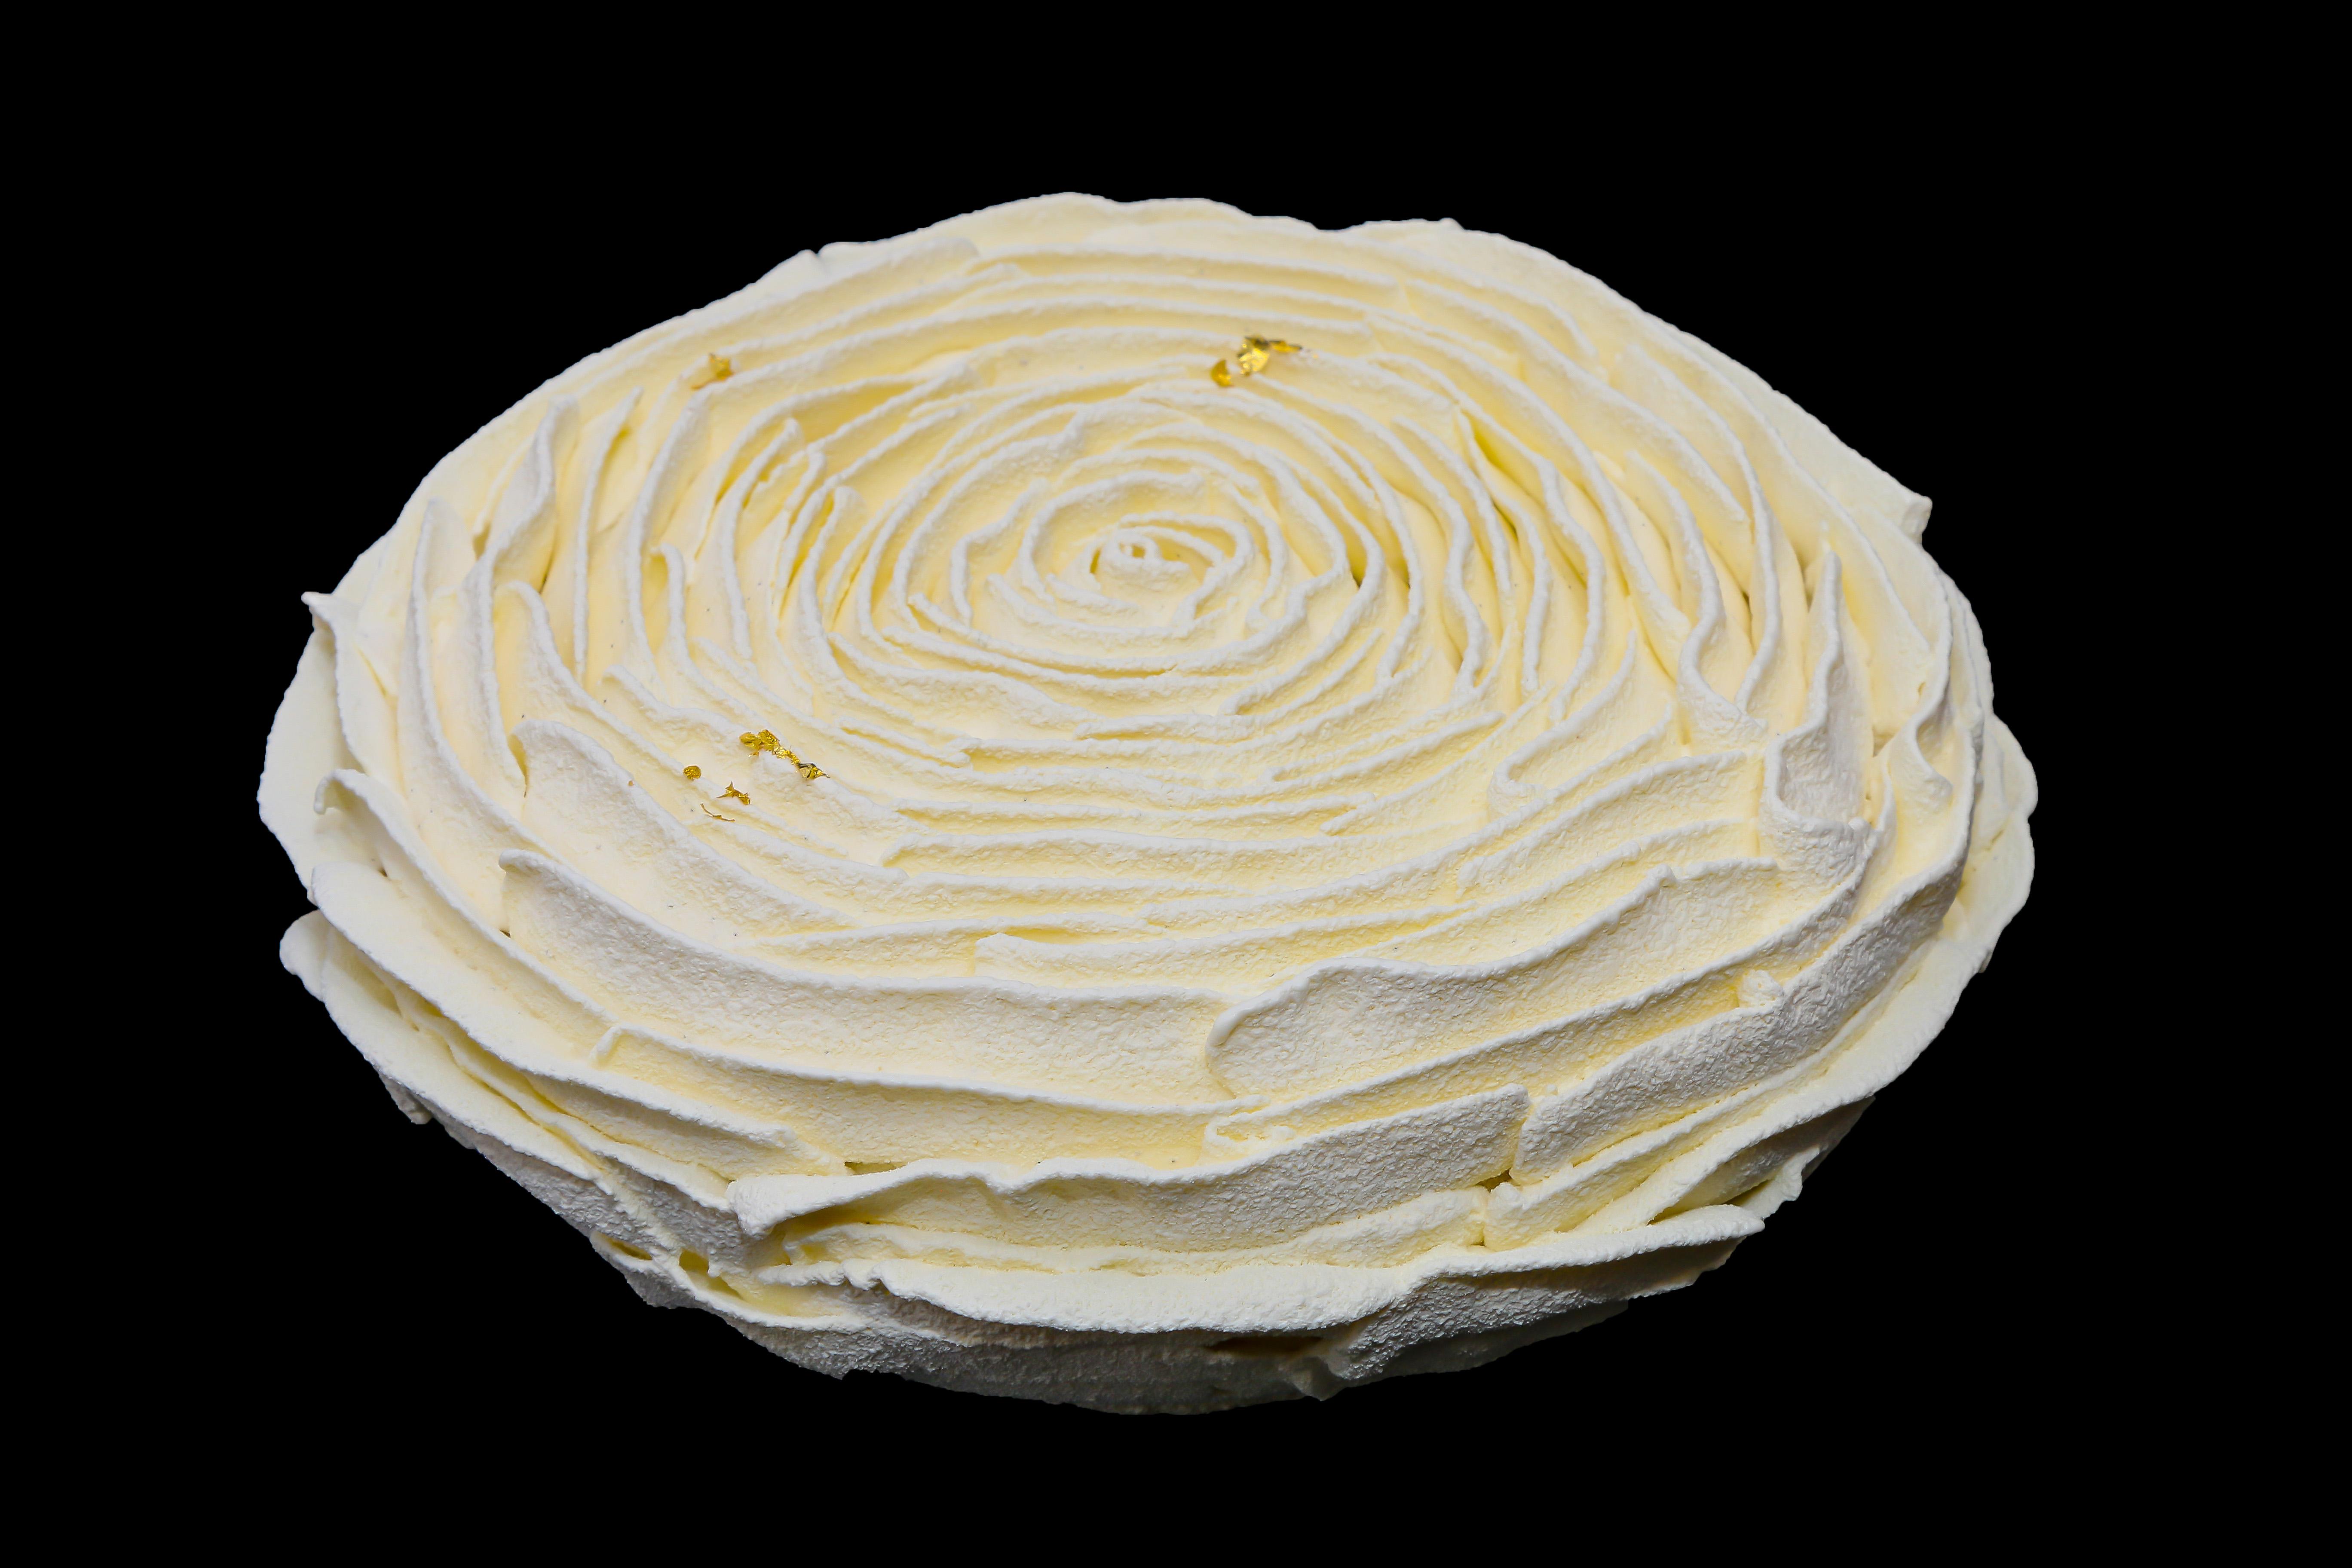 Cake, Flower, Gluten Free, JL Patisserie, Bakery Scottsdale